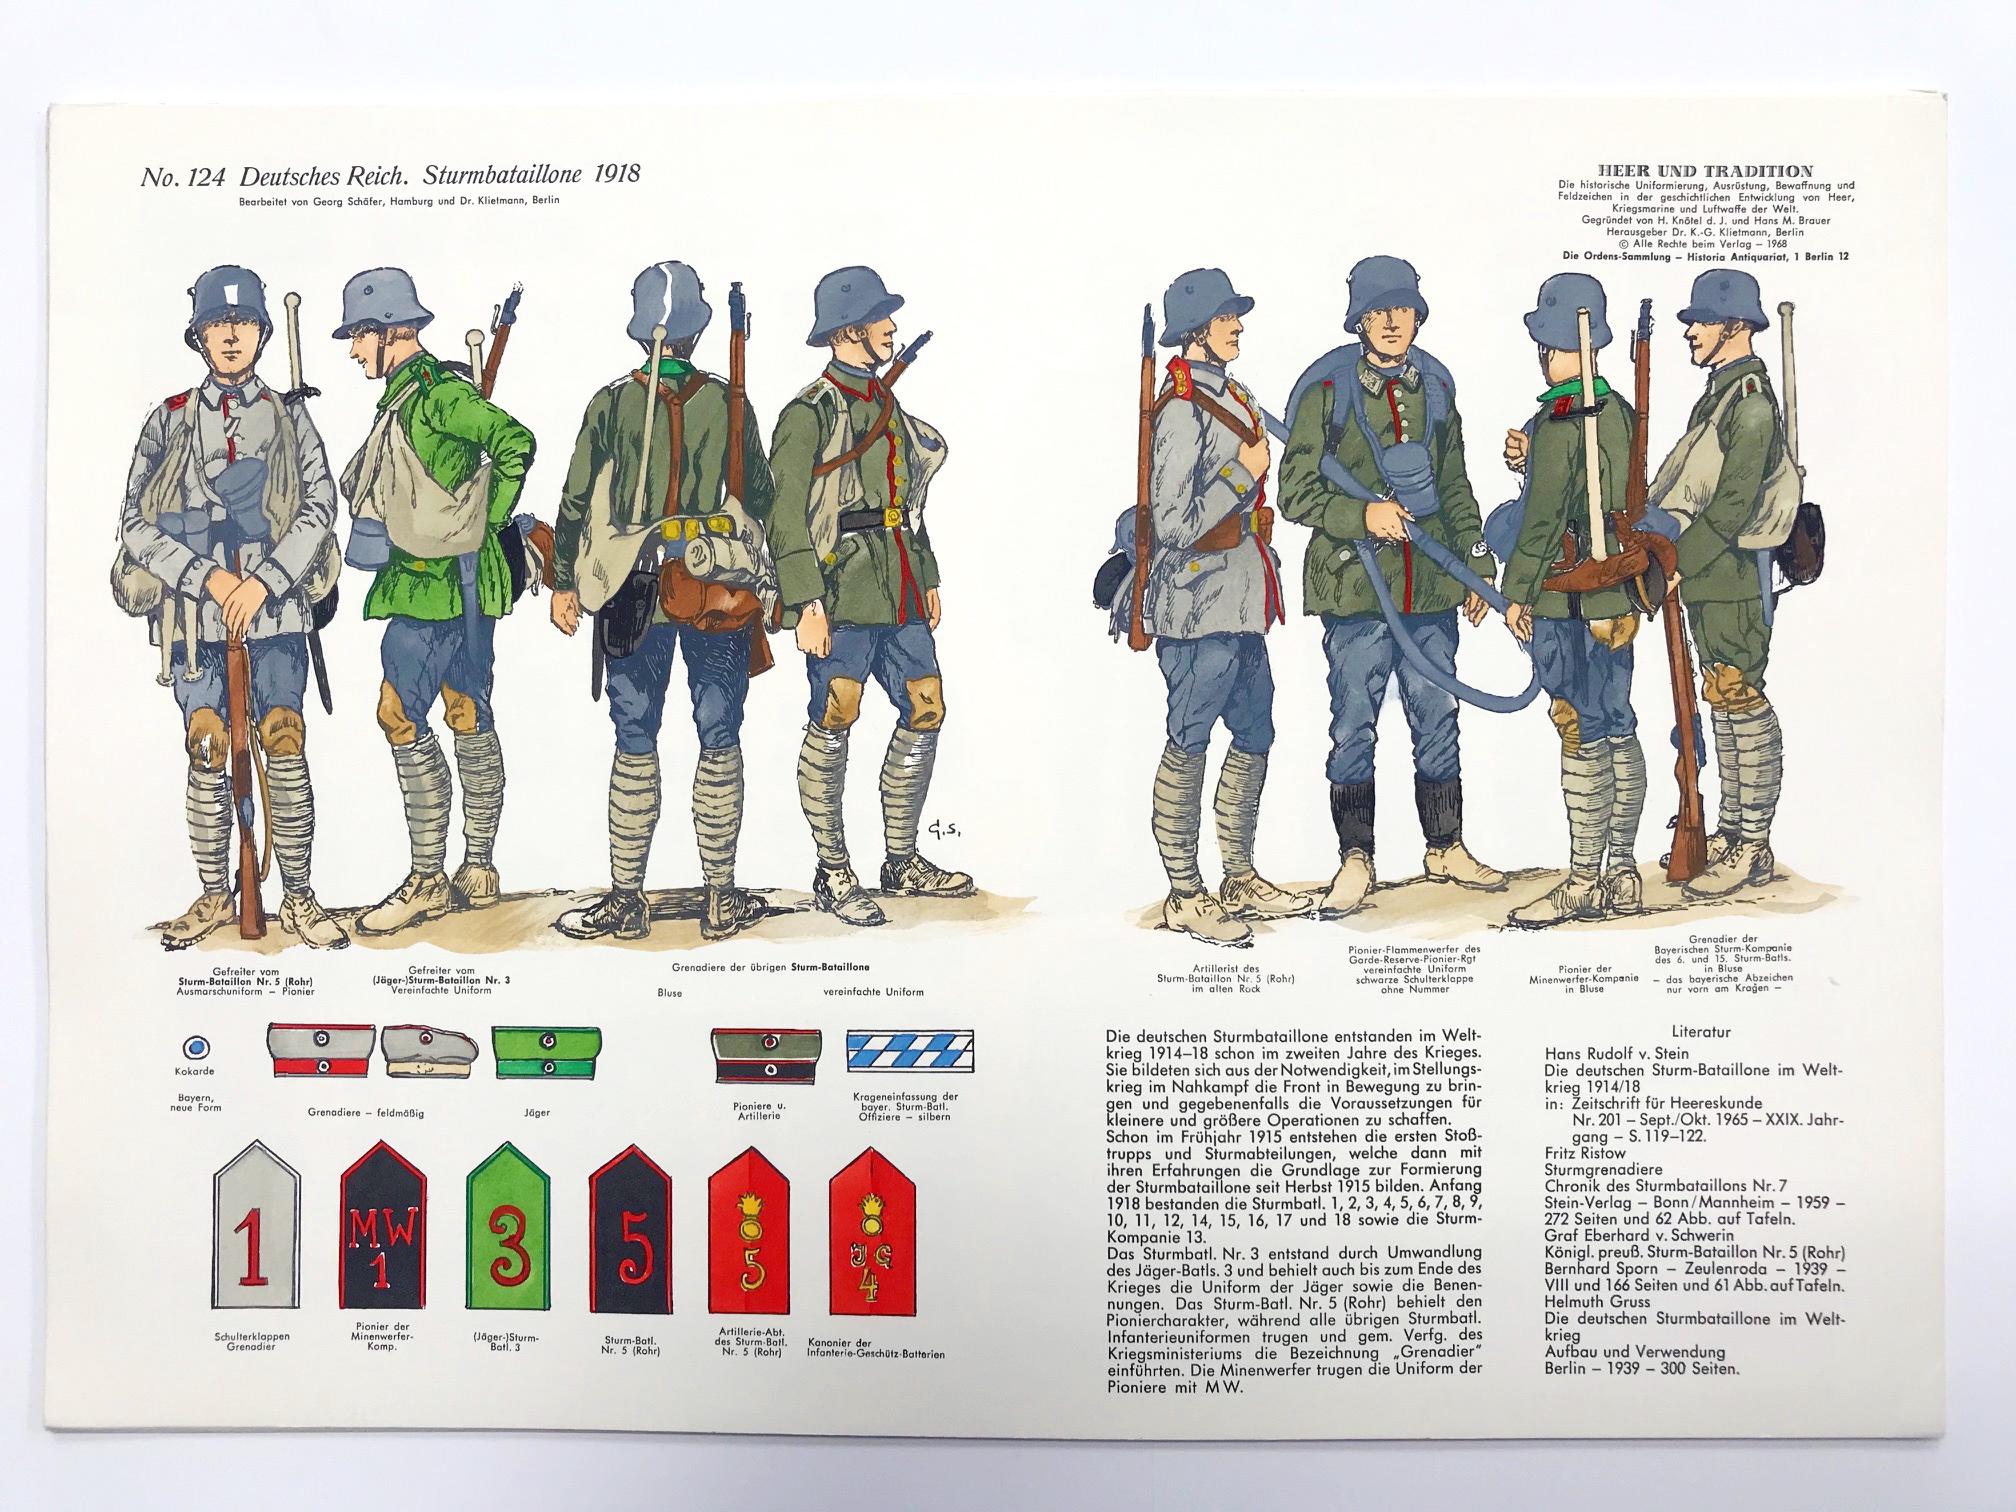 Planche 124 - Heer Und Tradition - Hans Bauer - Uniforme - Deutsches Reich - 1918 - Sturmbataillone - Die Historische Uniformierung - 1968